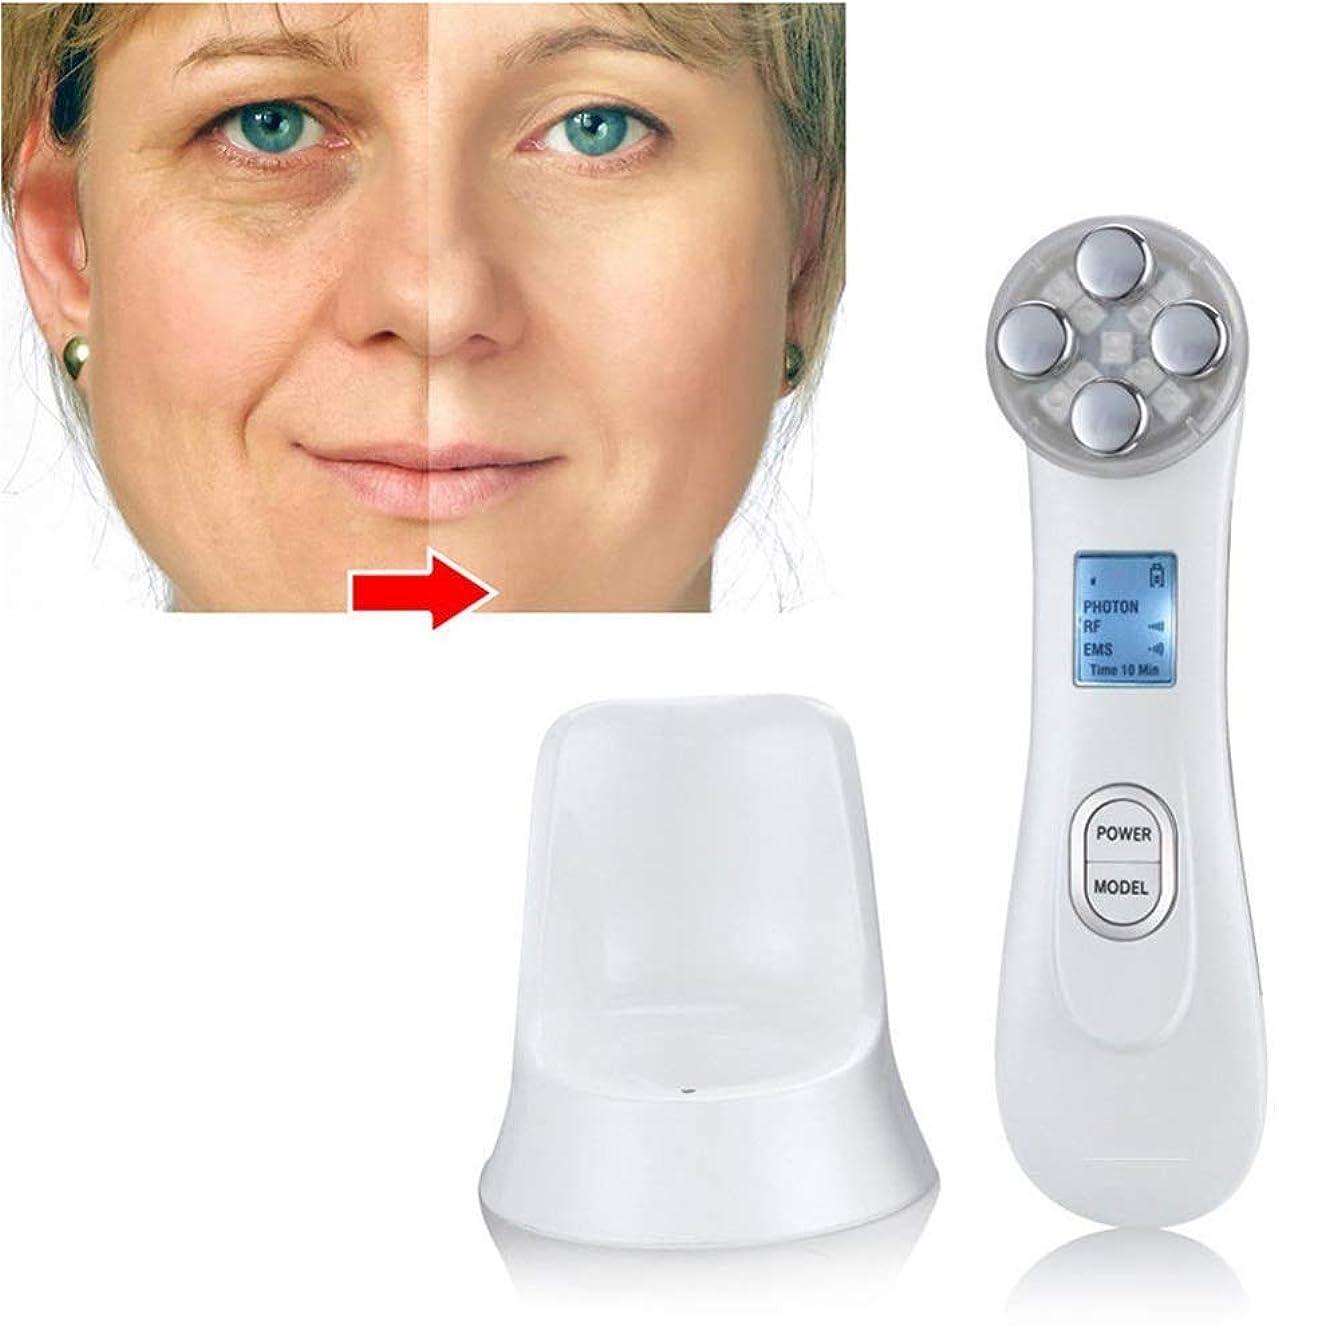 過敏な危険を冒しますに向かってしわの除去剤機械/ 5持ち上がるための美装置をきつく締める1Facial皮に付きRF&EMS 6色ライトモード美装置